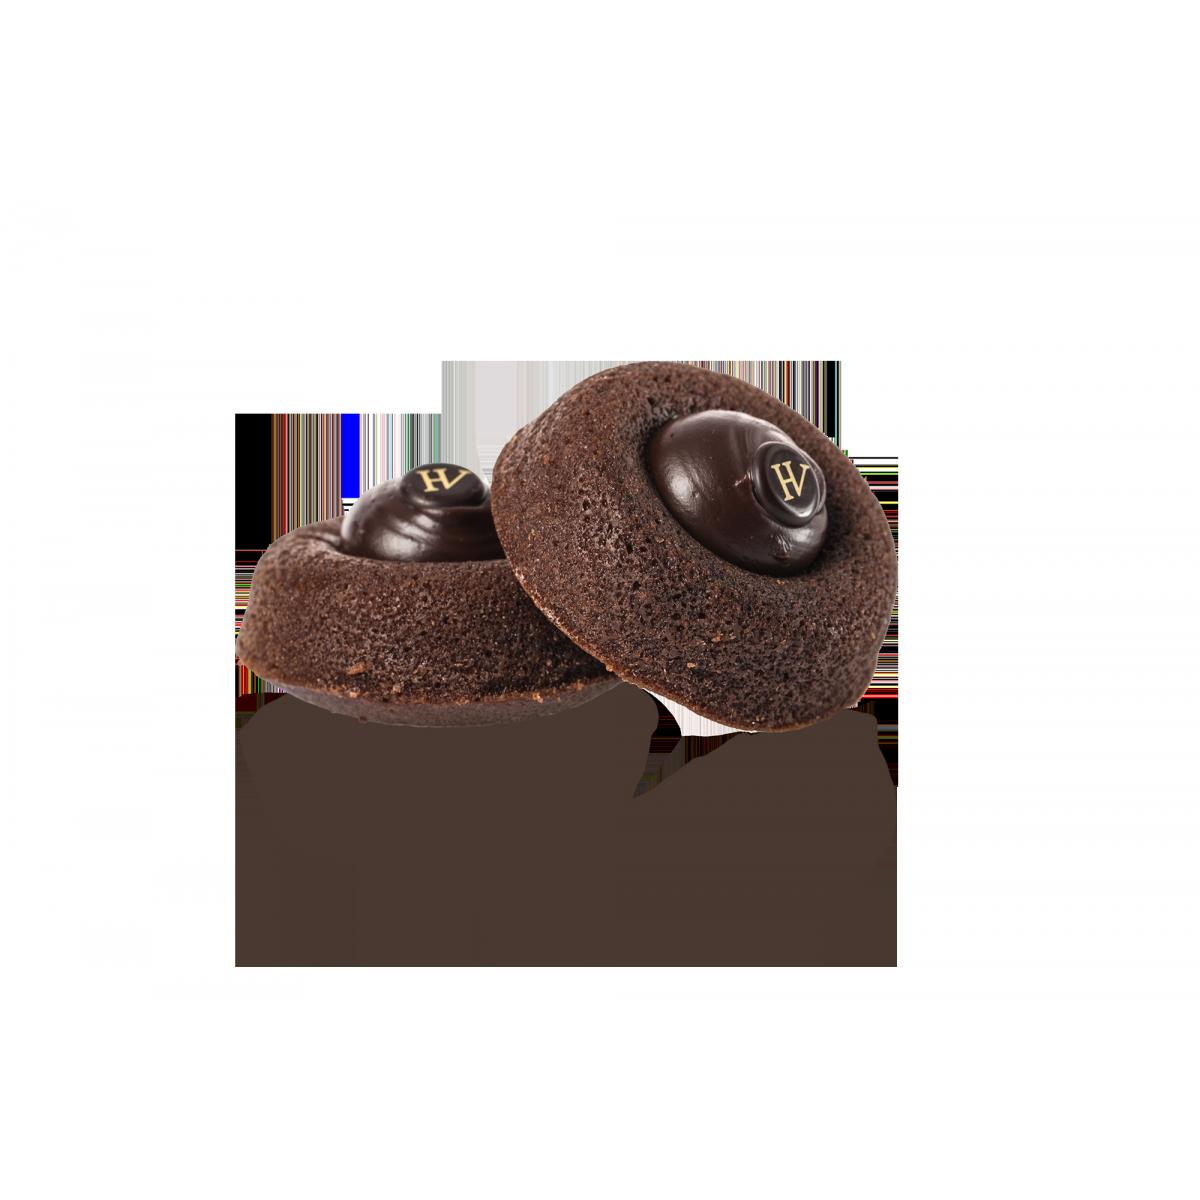 Financier Chocolat